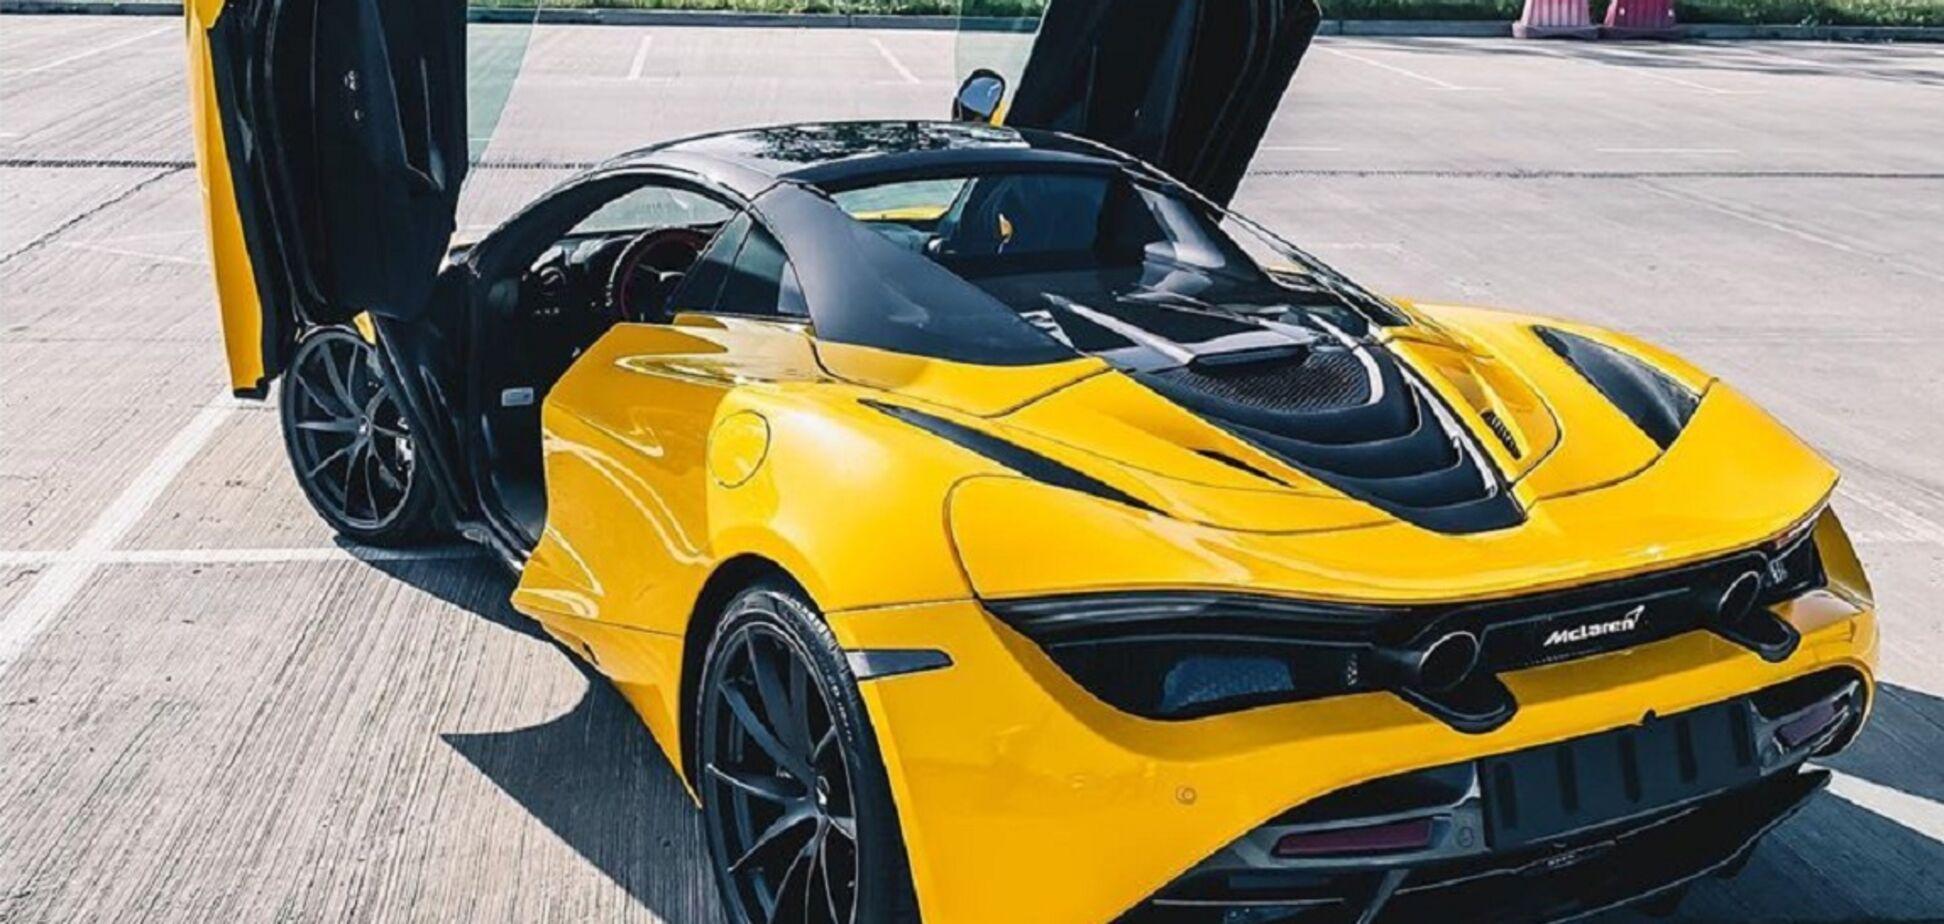 Уникальный McLaren 720S Spider нашли в Украине. Фото: topgir.com.ua